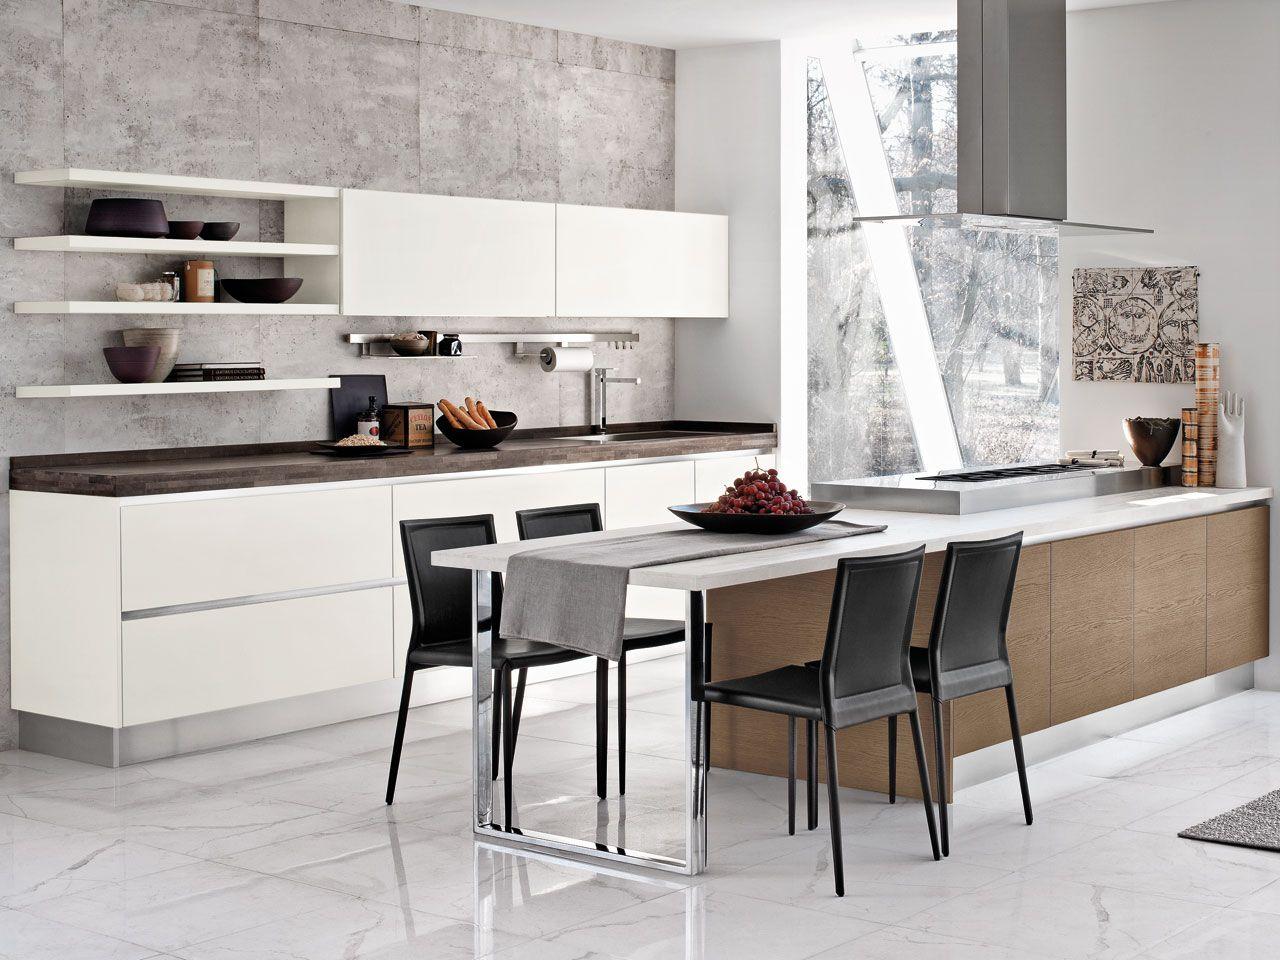 BRAVA - Cucina Lube Moderna | Progetti di cucine, Cucine ...